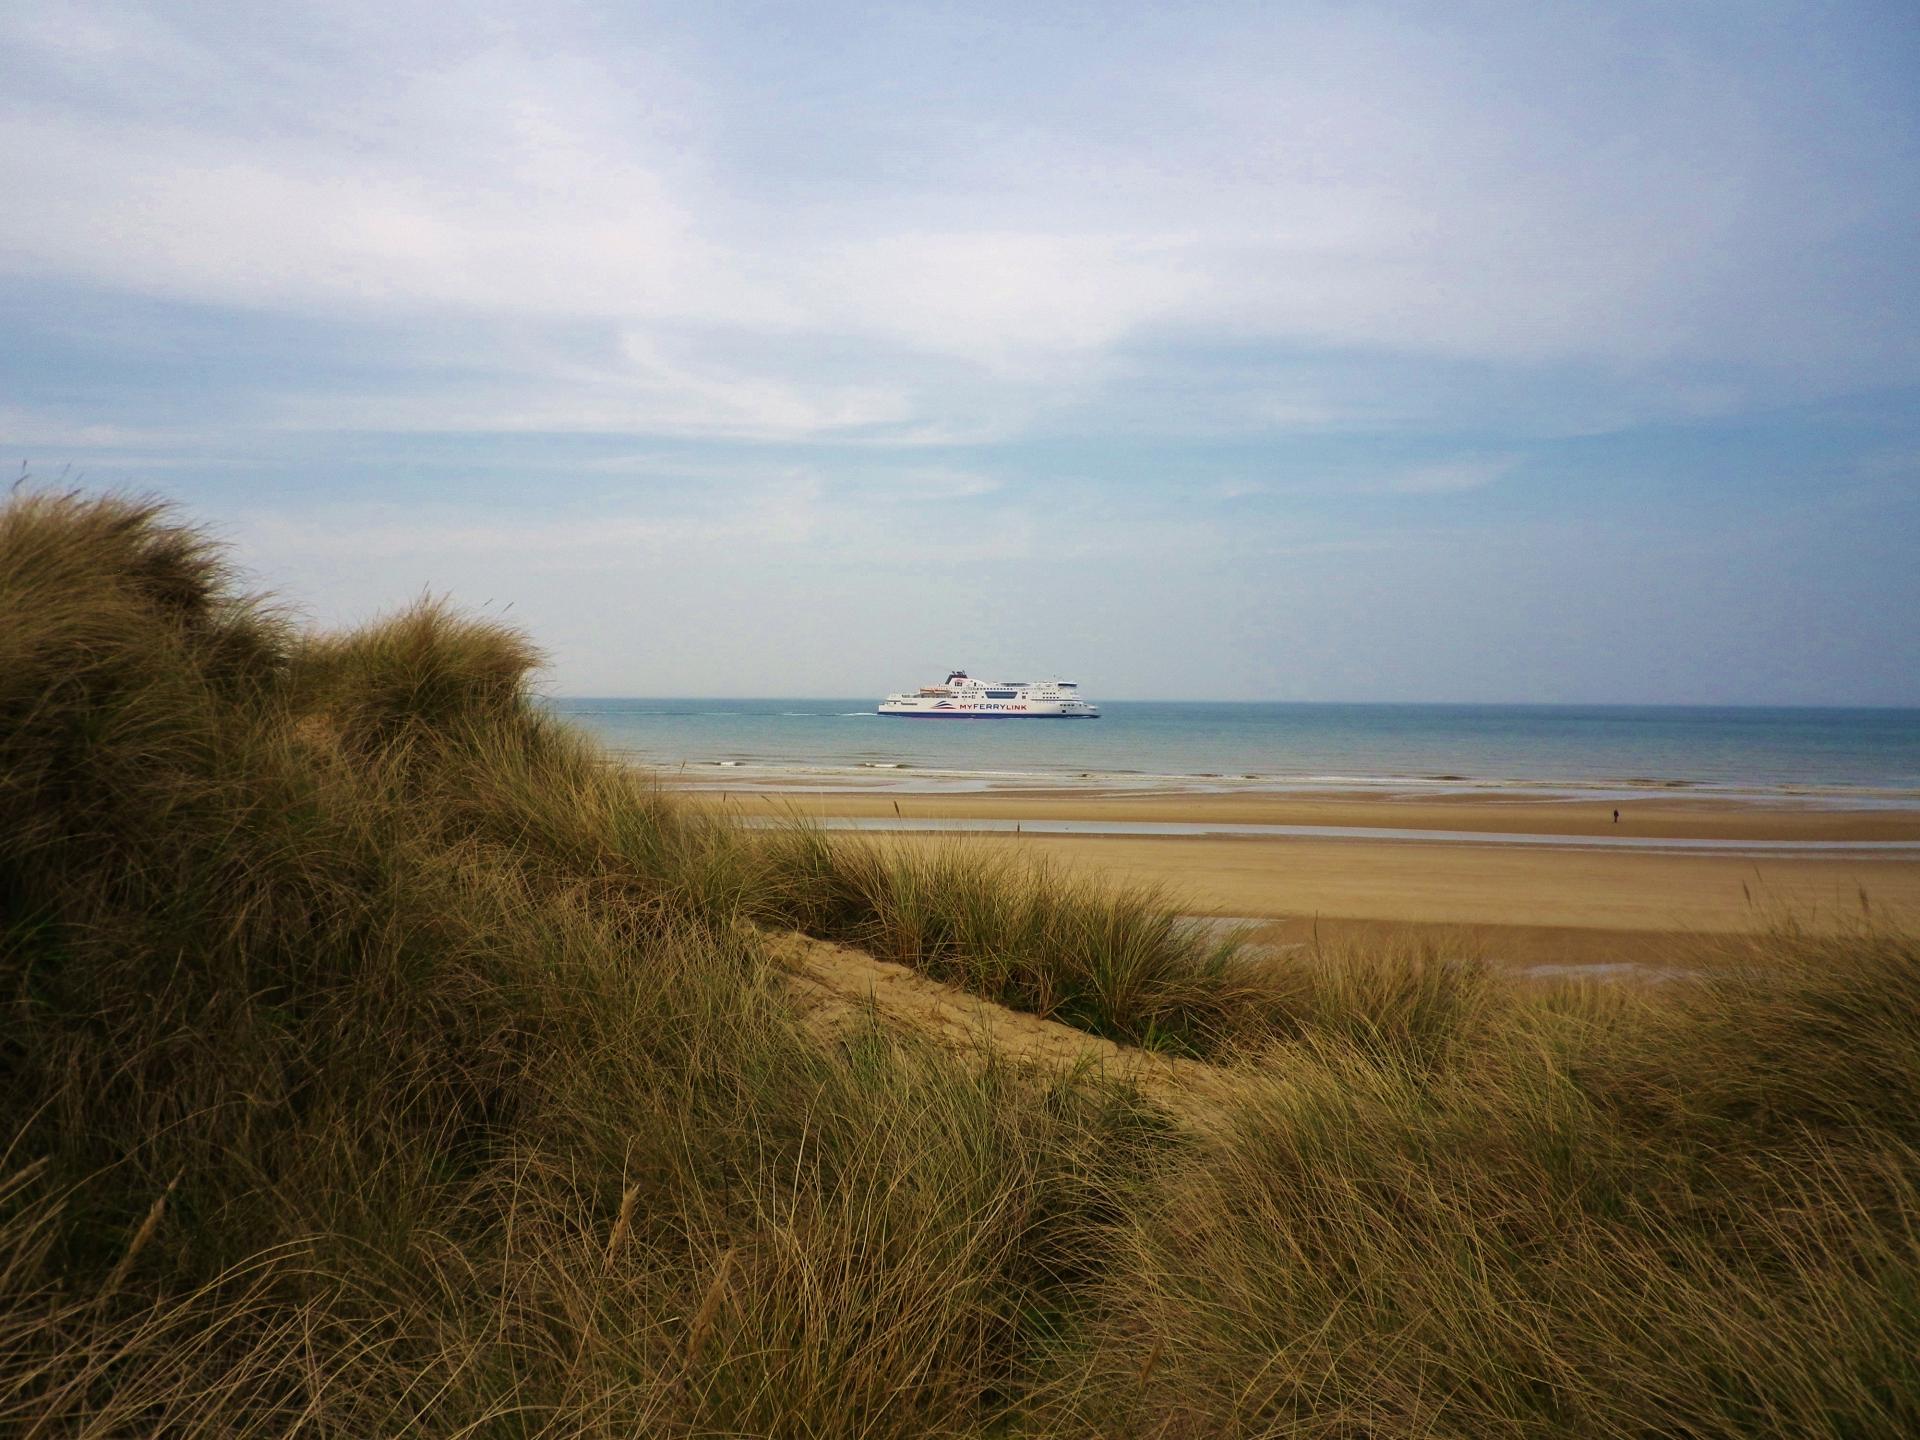 Sangatte la plage et les dunes et le trafic transmanched et ses bateaux